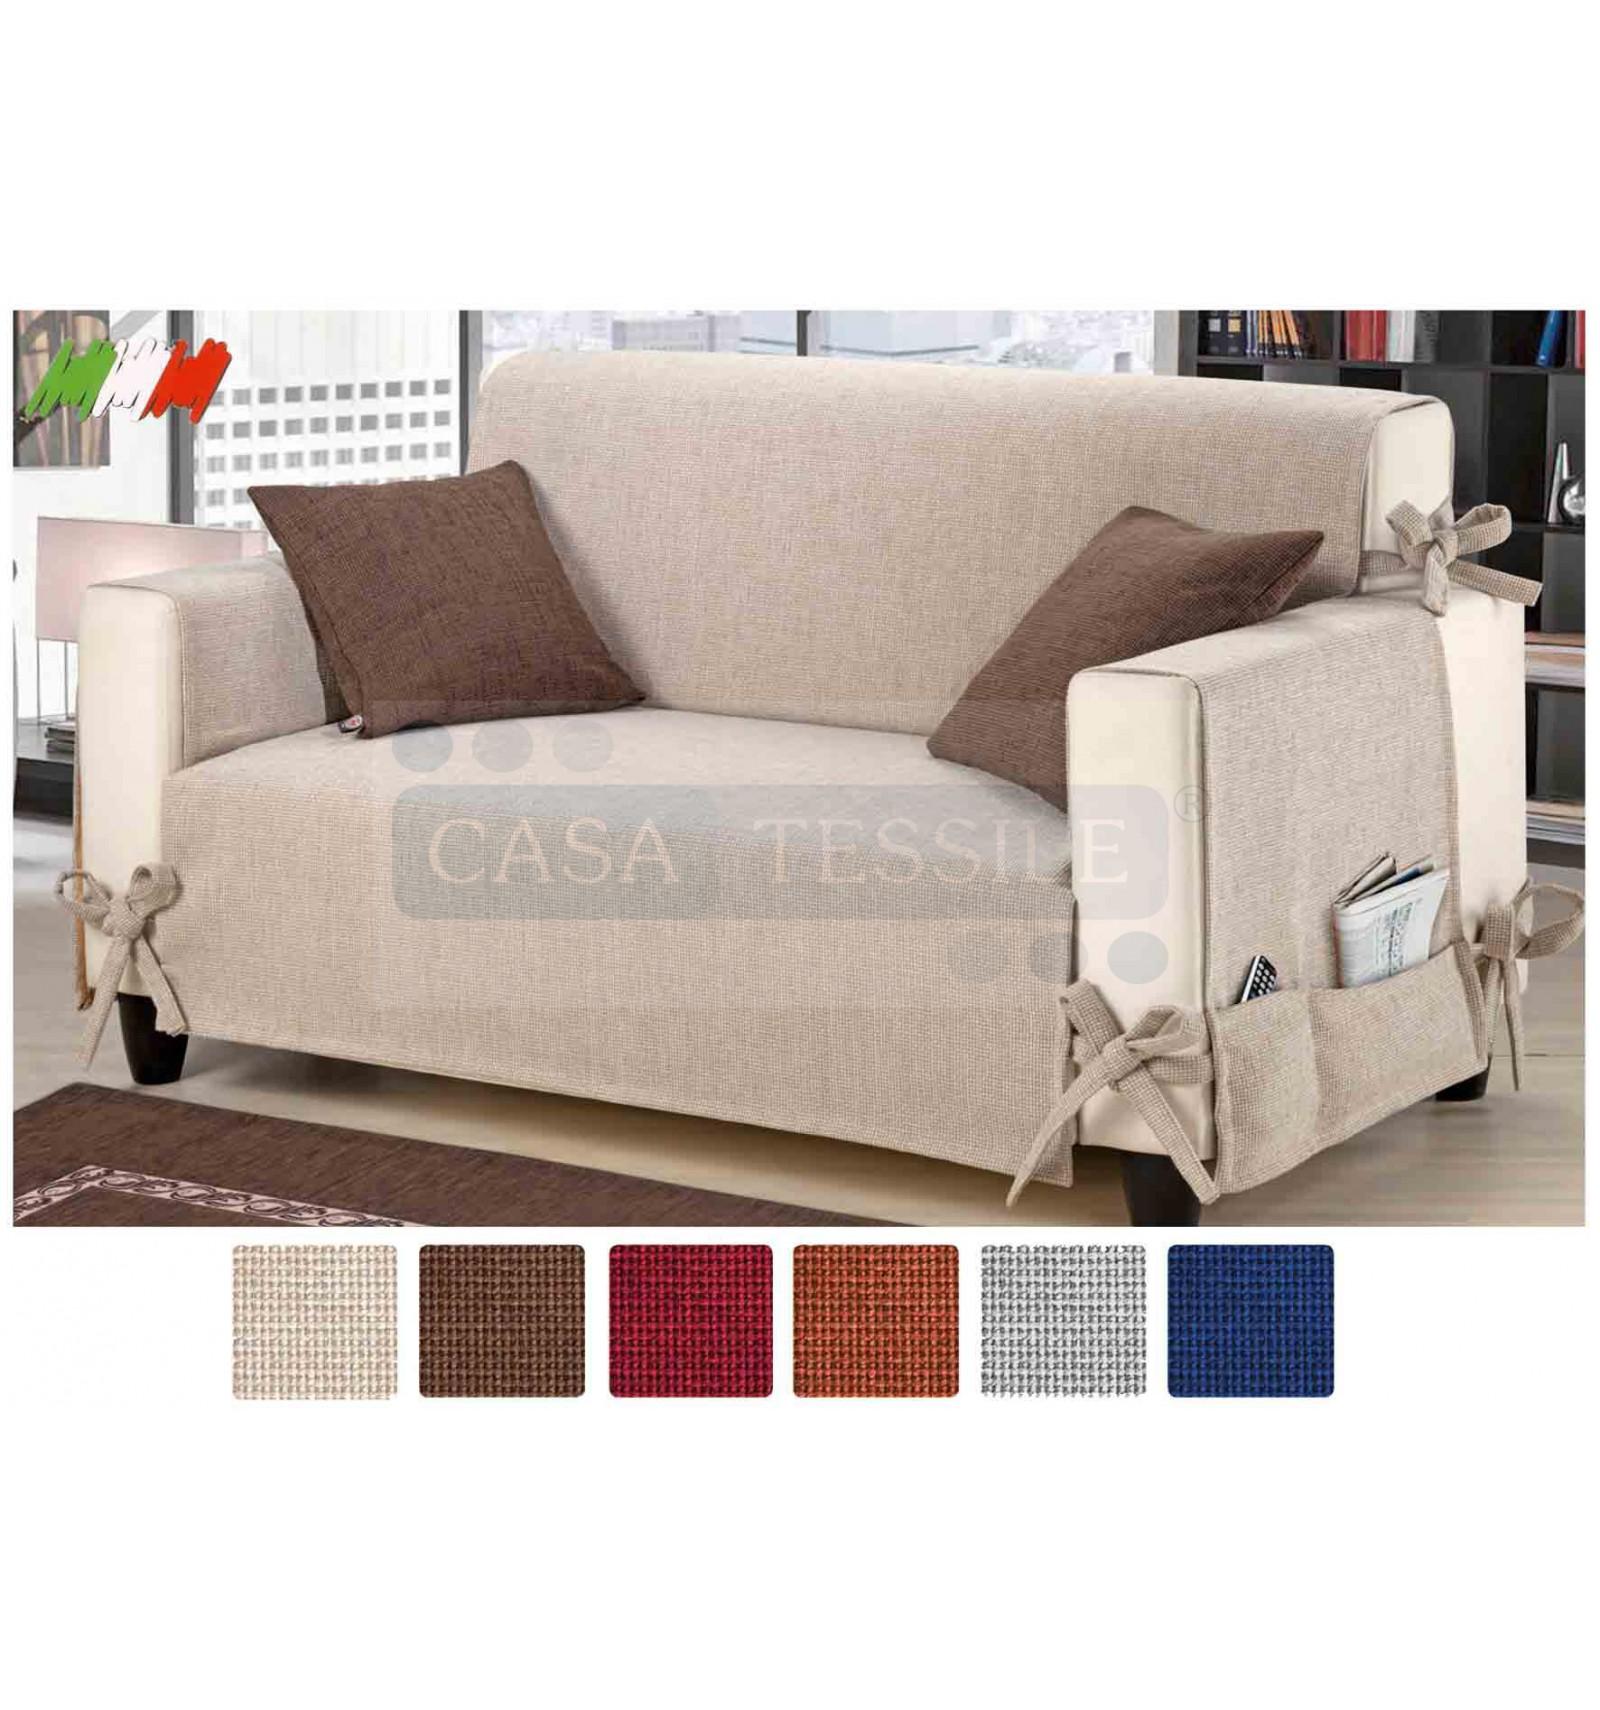 Intreccio copri poltrona e divano jacquard ciniglia varie - Misure divano al ...